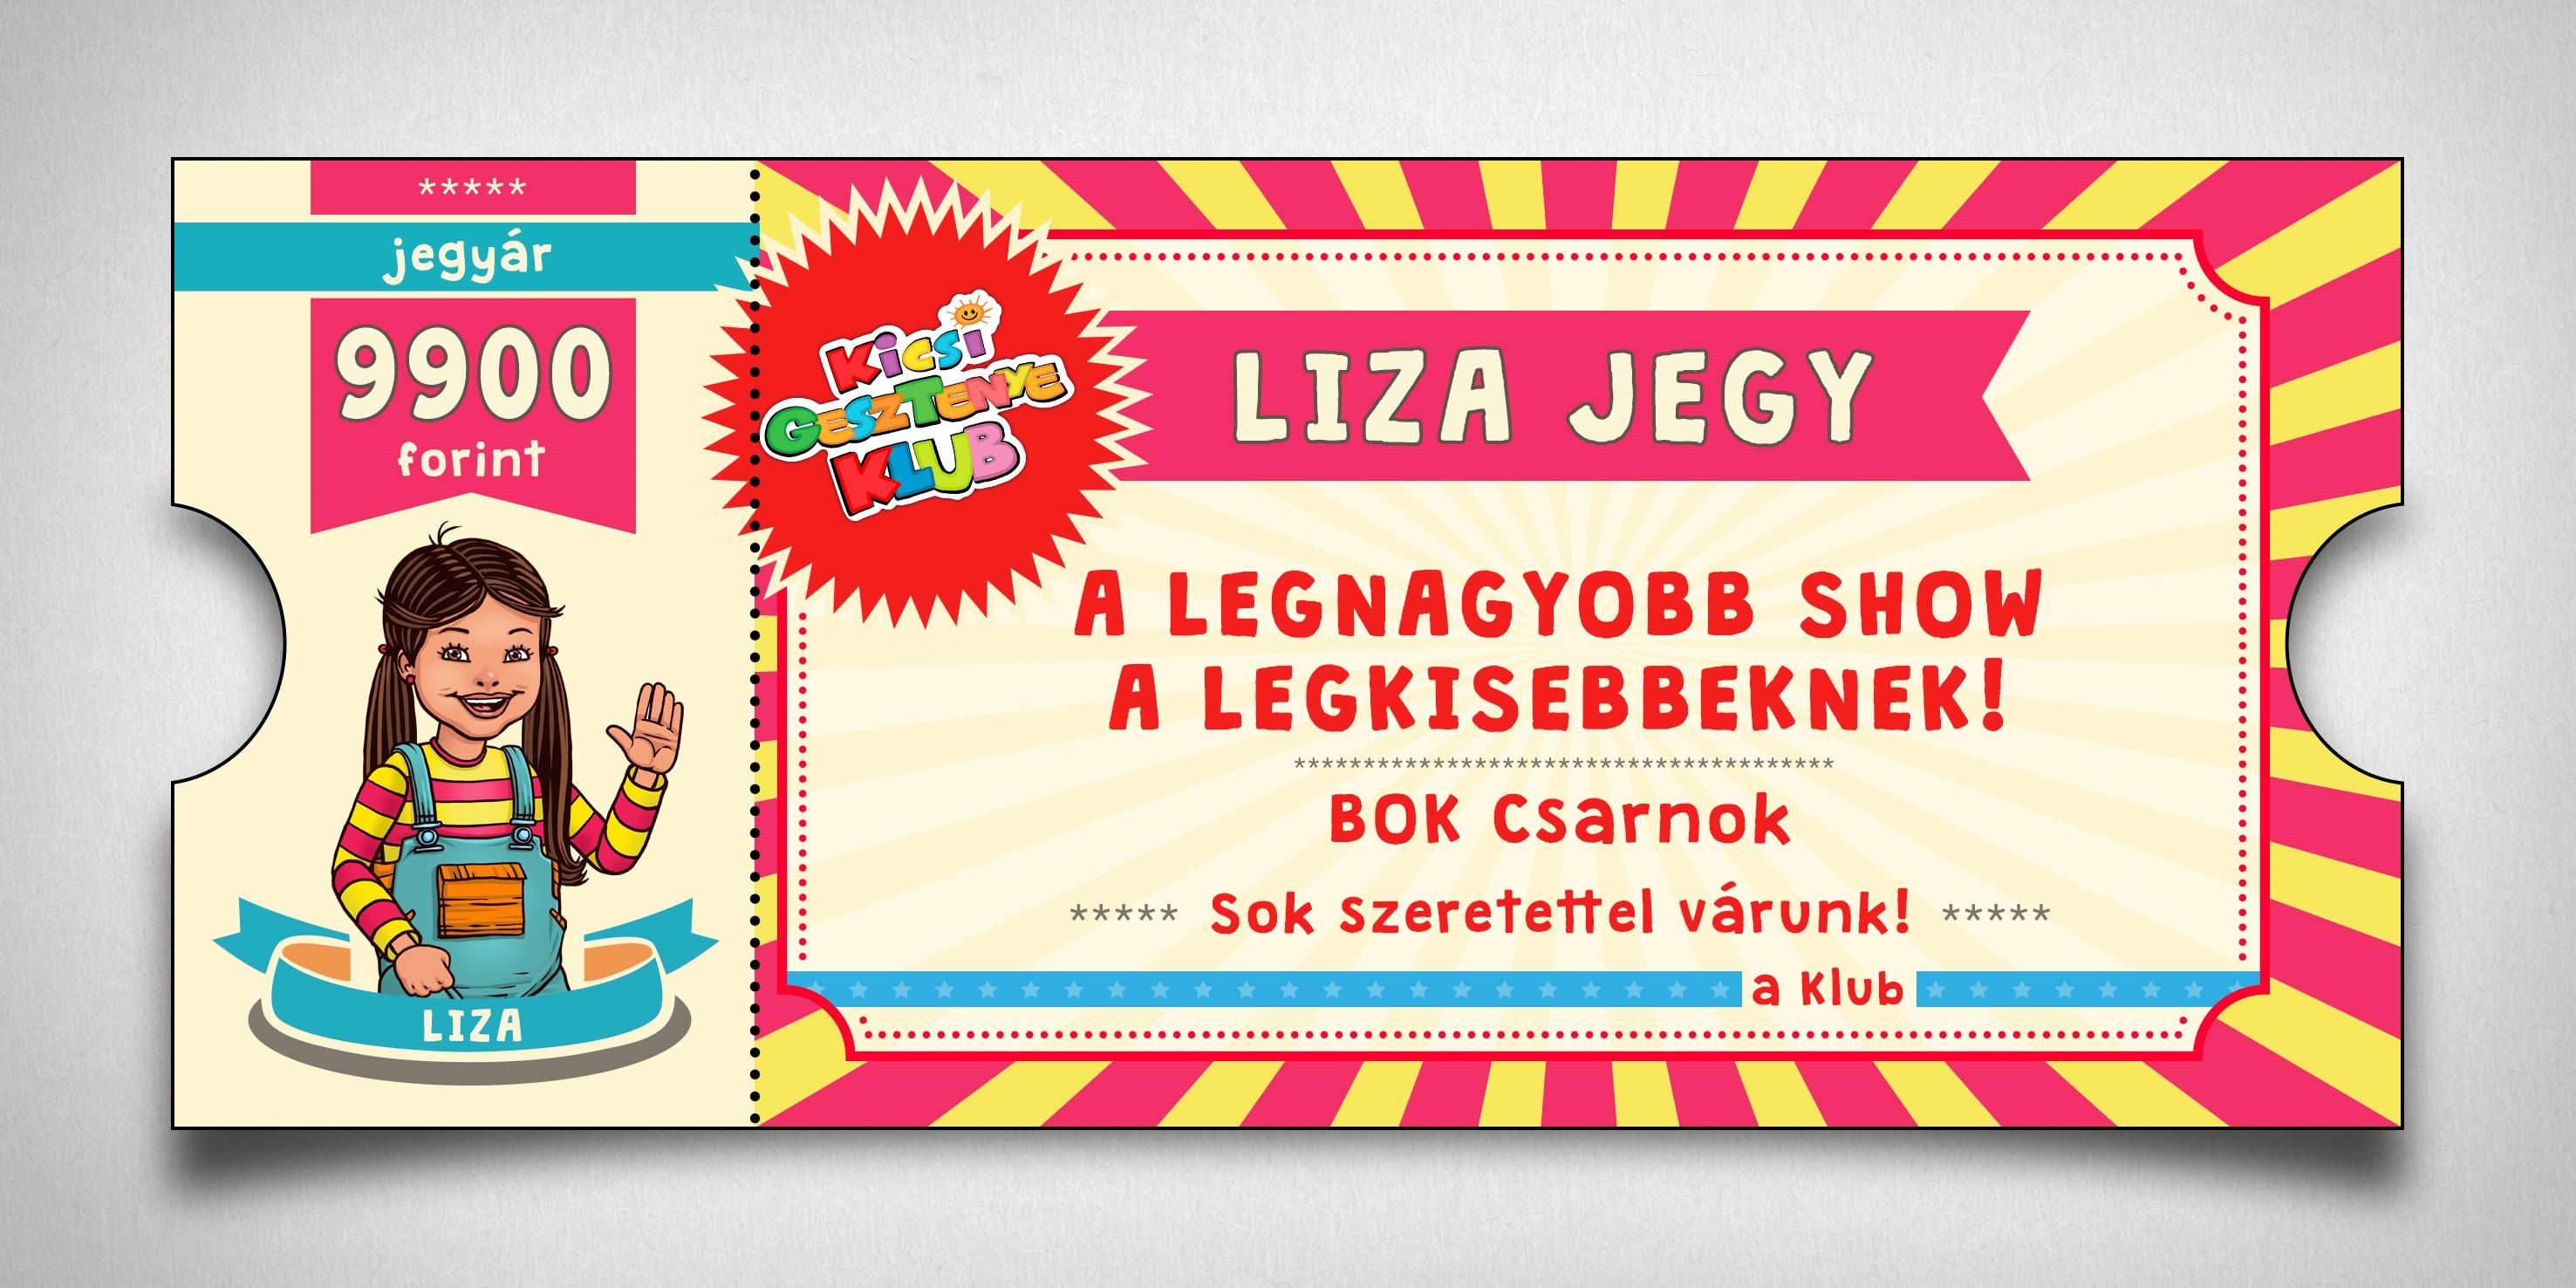 Liza jegy